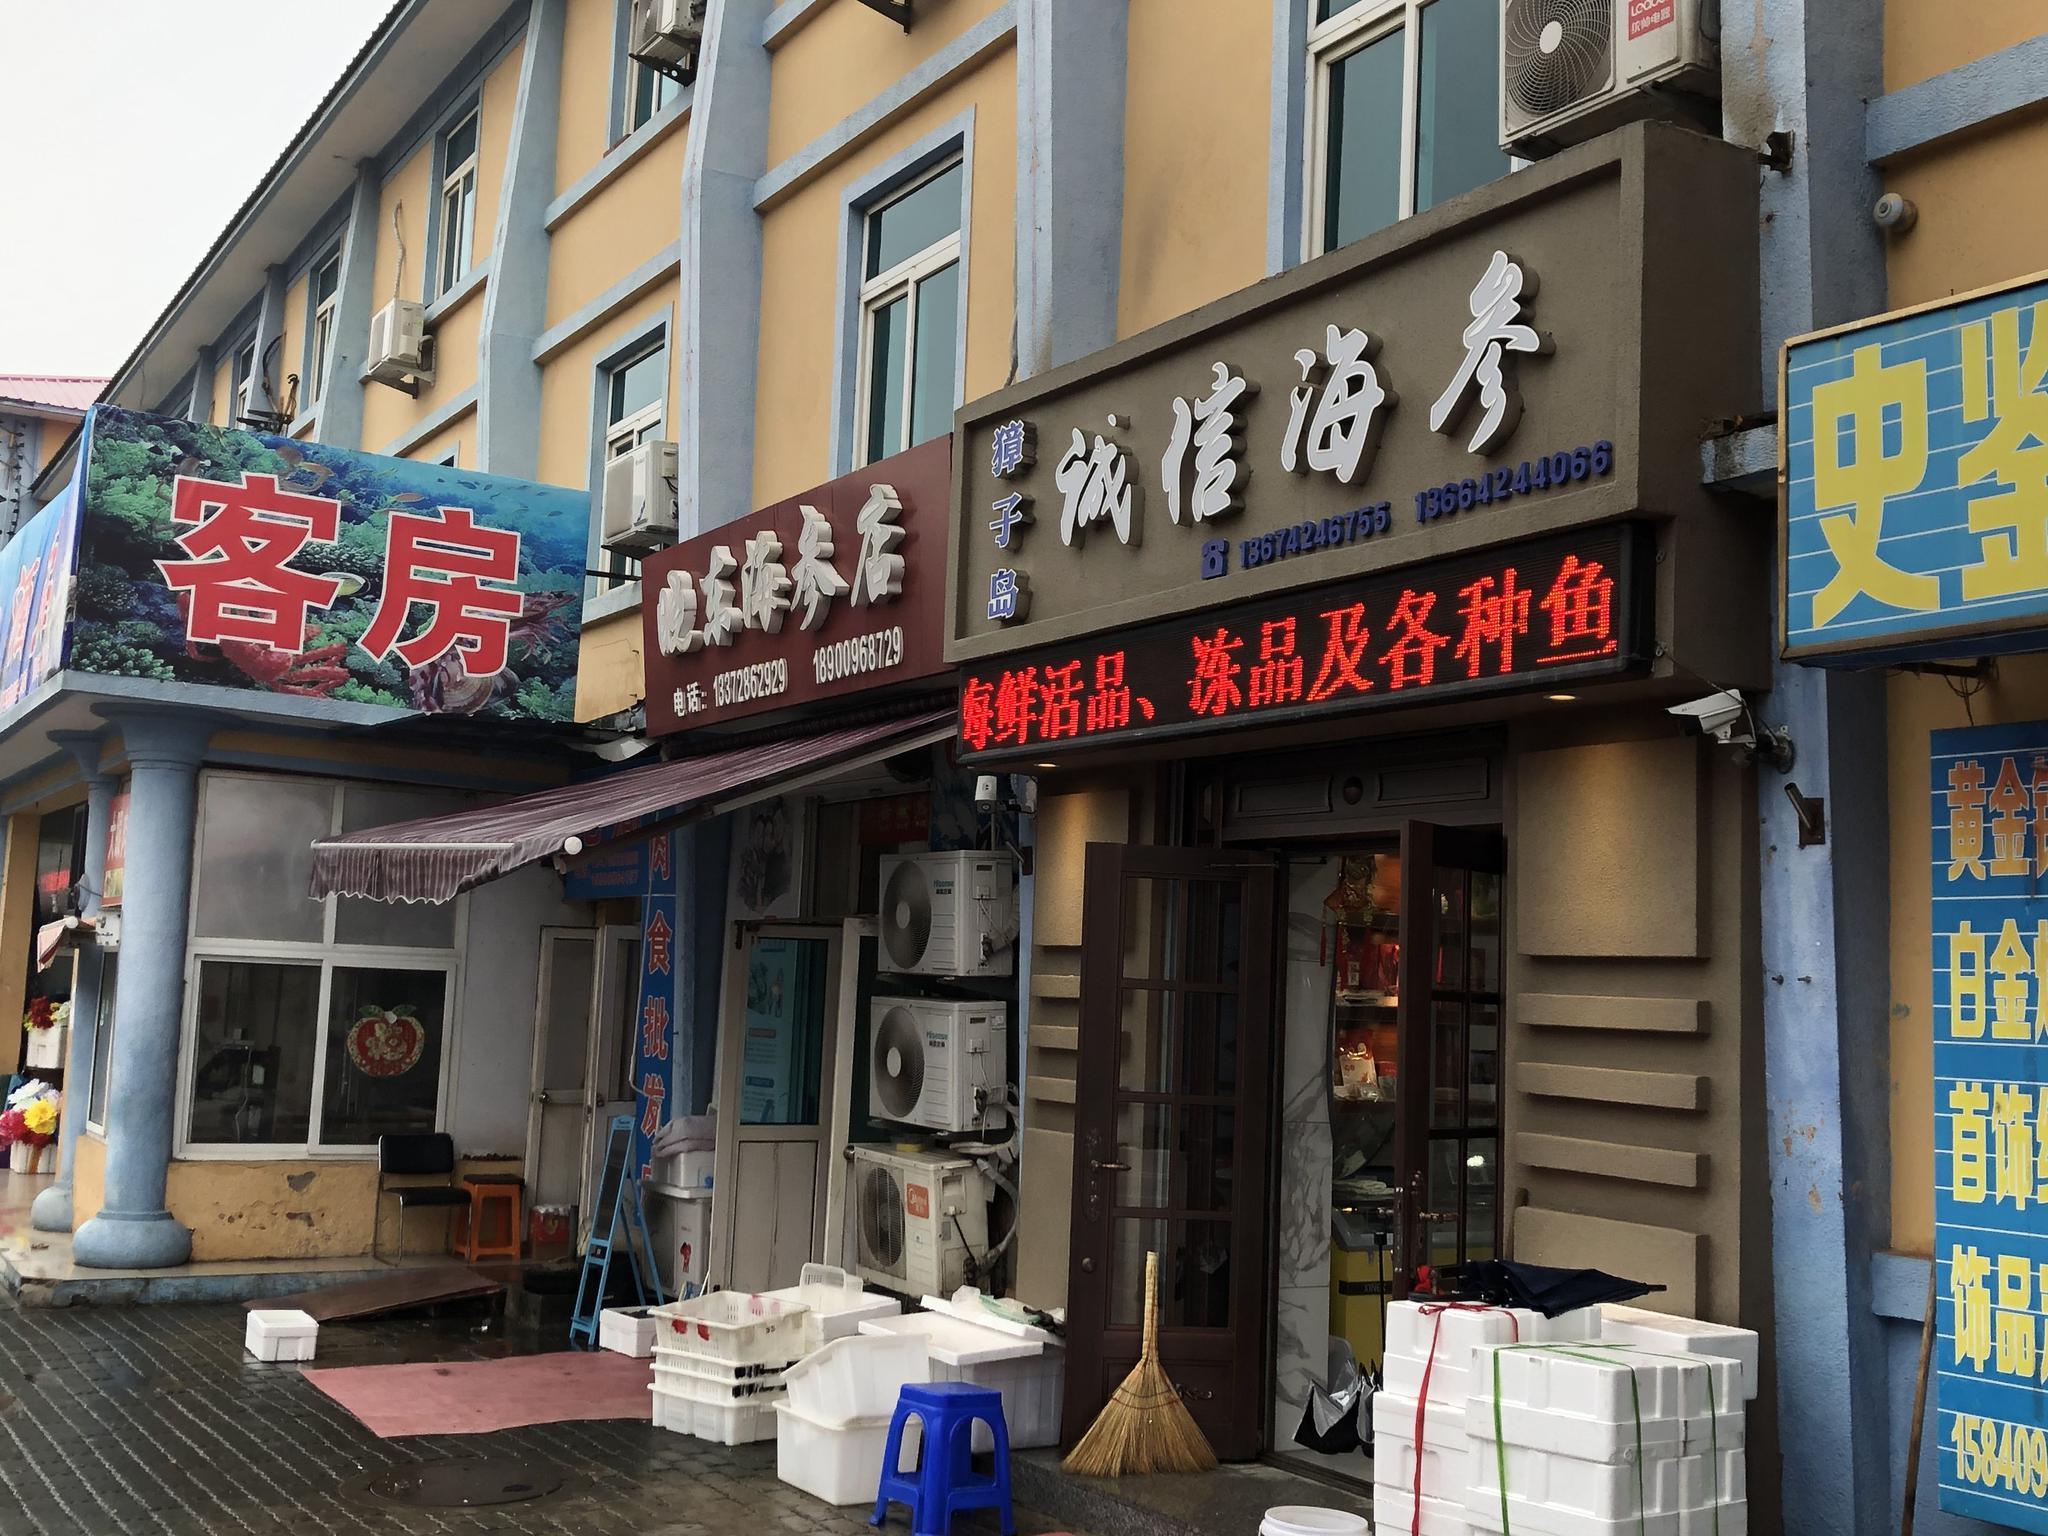 鳳凰娱乐 央行定向降准释放1.2万亿元资金 对楼市影响为中性